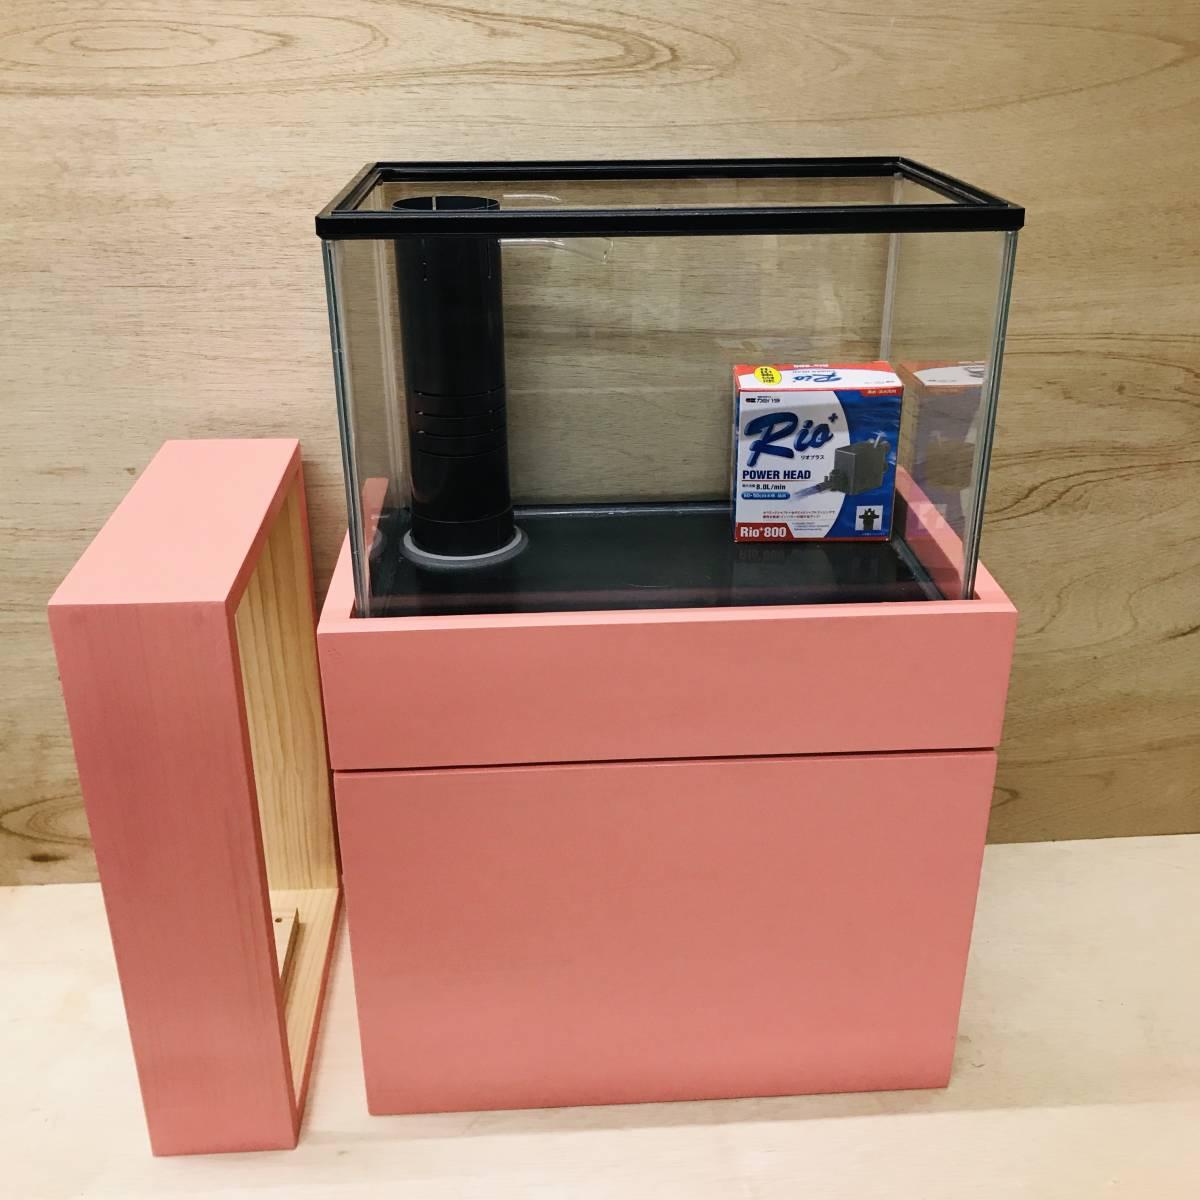 《100円スタート》アクア小型オーバーフロー水槽セット ピンク 新品 rio800 濾過槽、台ろ材セット 小型水槽/アクア/海水魚 ピンク_画像6